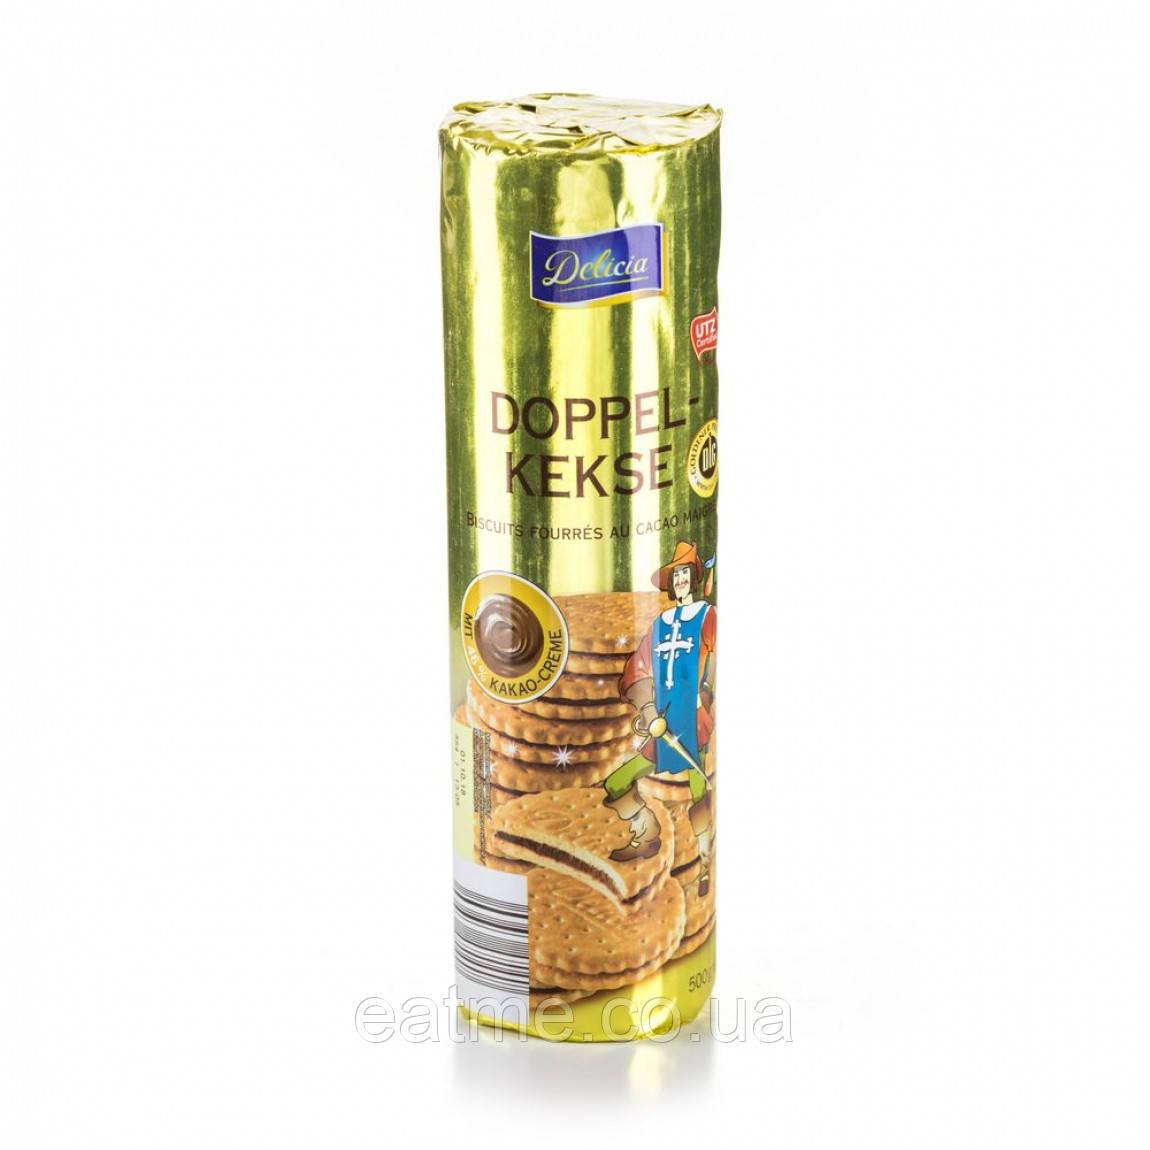 Delisia Doppel-kekse Печенье-сэндвич с шоколадной прослойкой